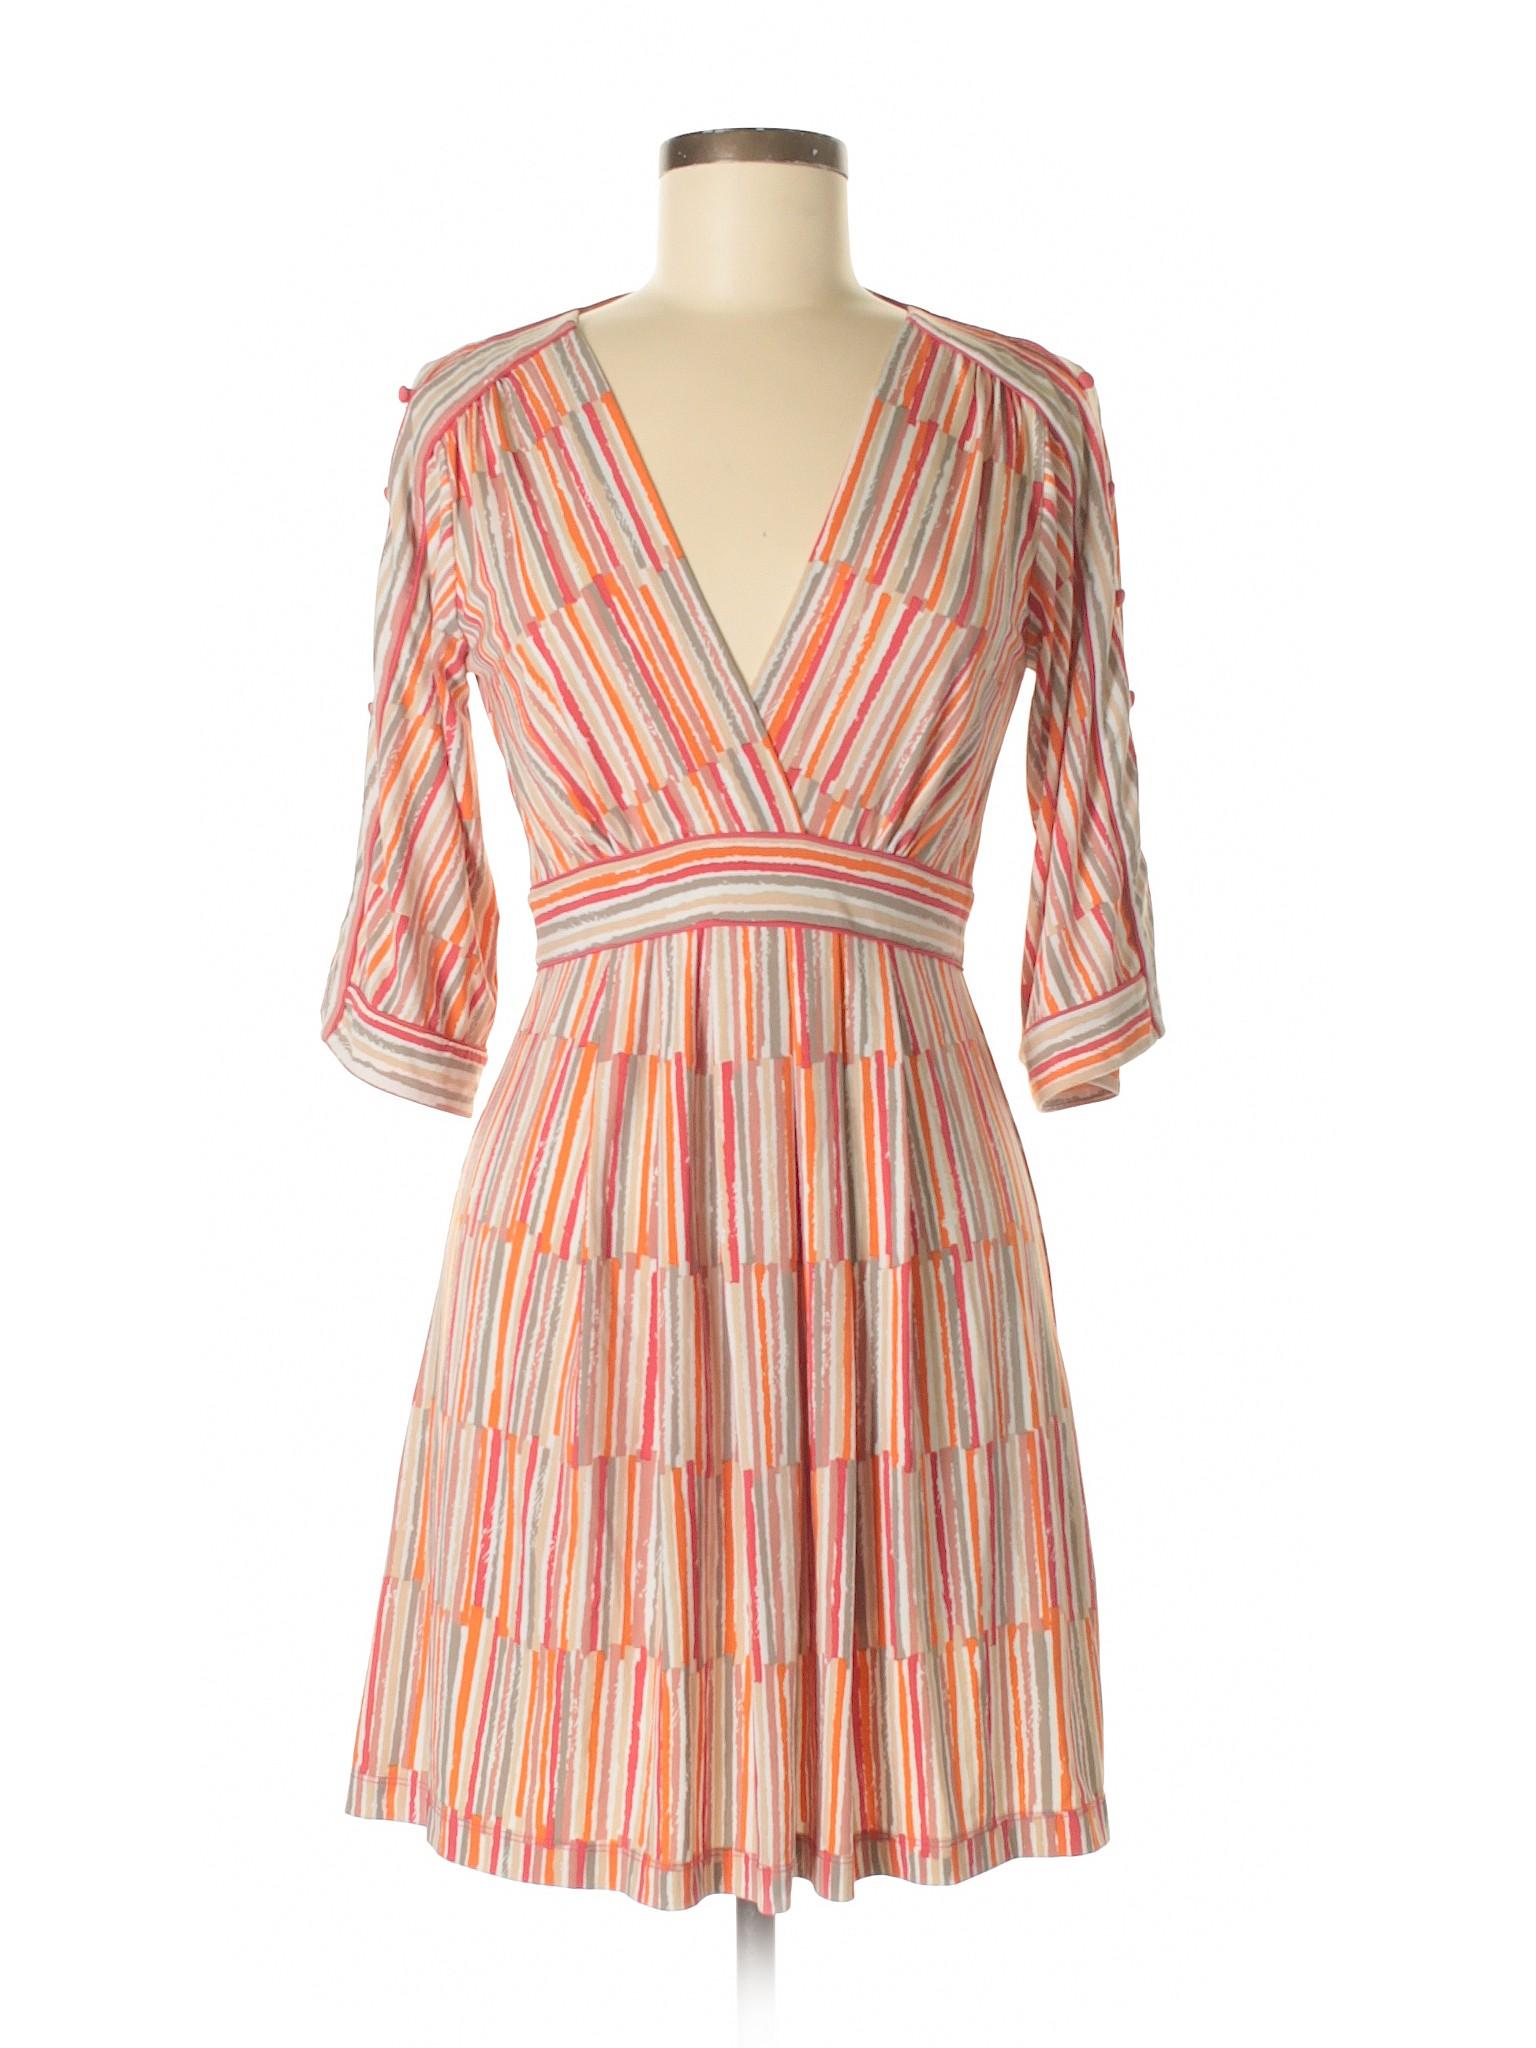 BCBGMAXAZRIA Casual Boutique winter Dress winter Boutique q4t7xB0